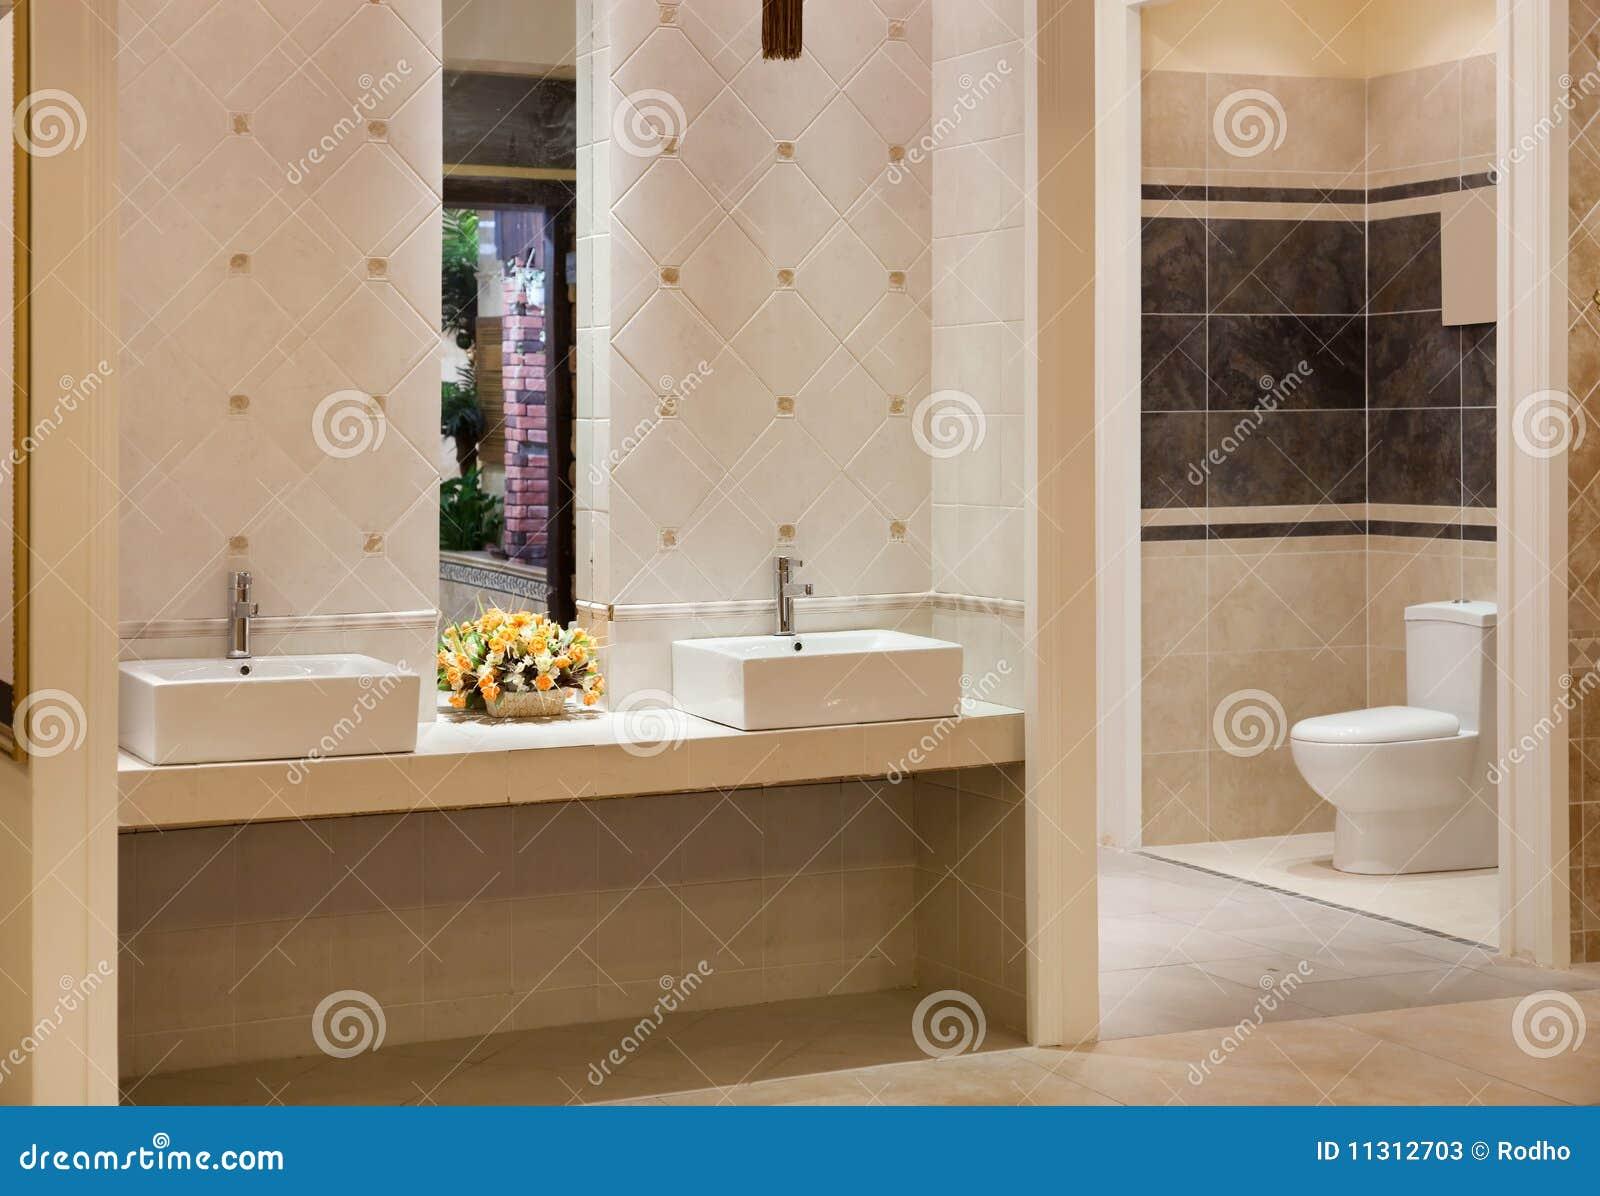 Cuarto de ba o moderno lujoso fotos de archivo imagen - Cuartos de bano modernos ...